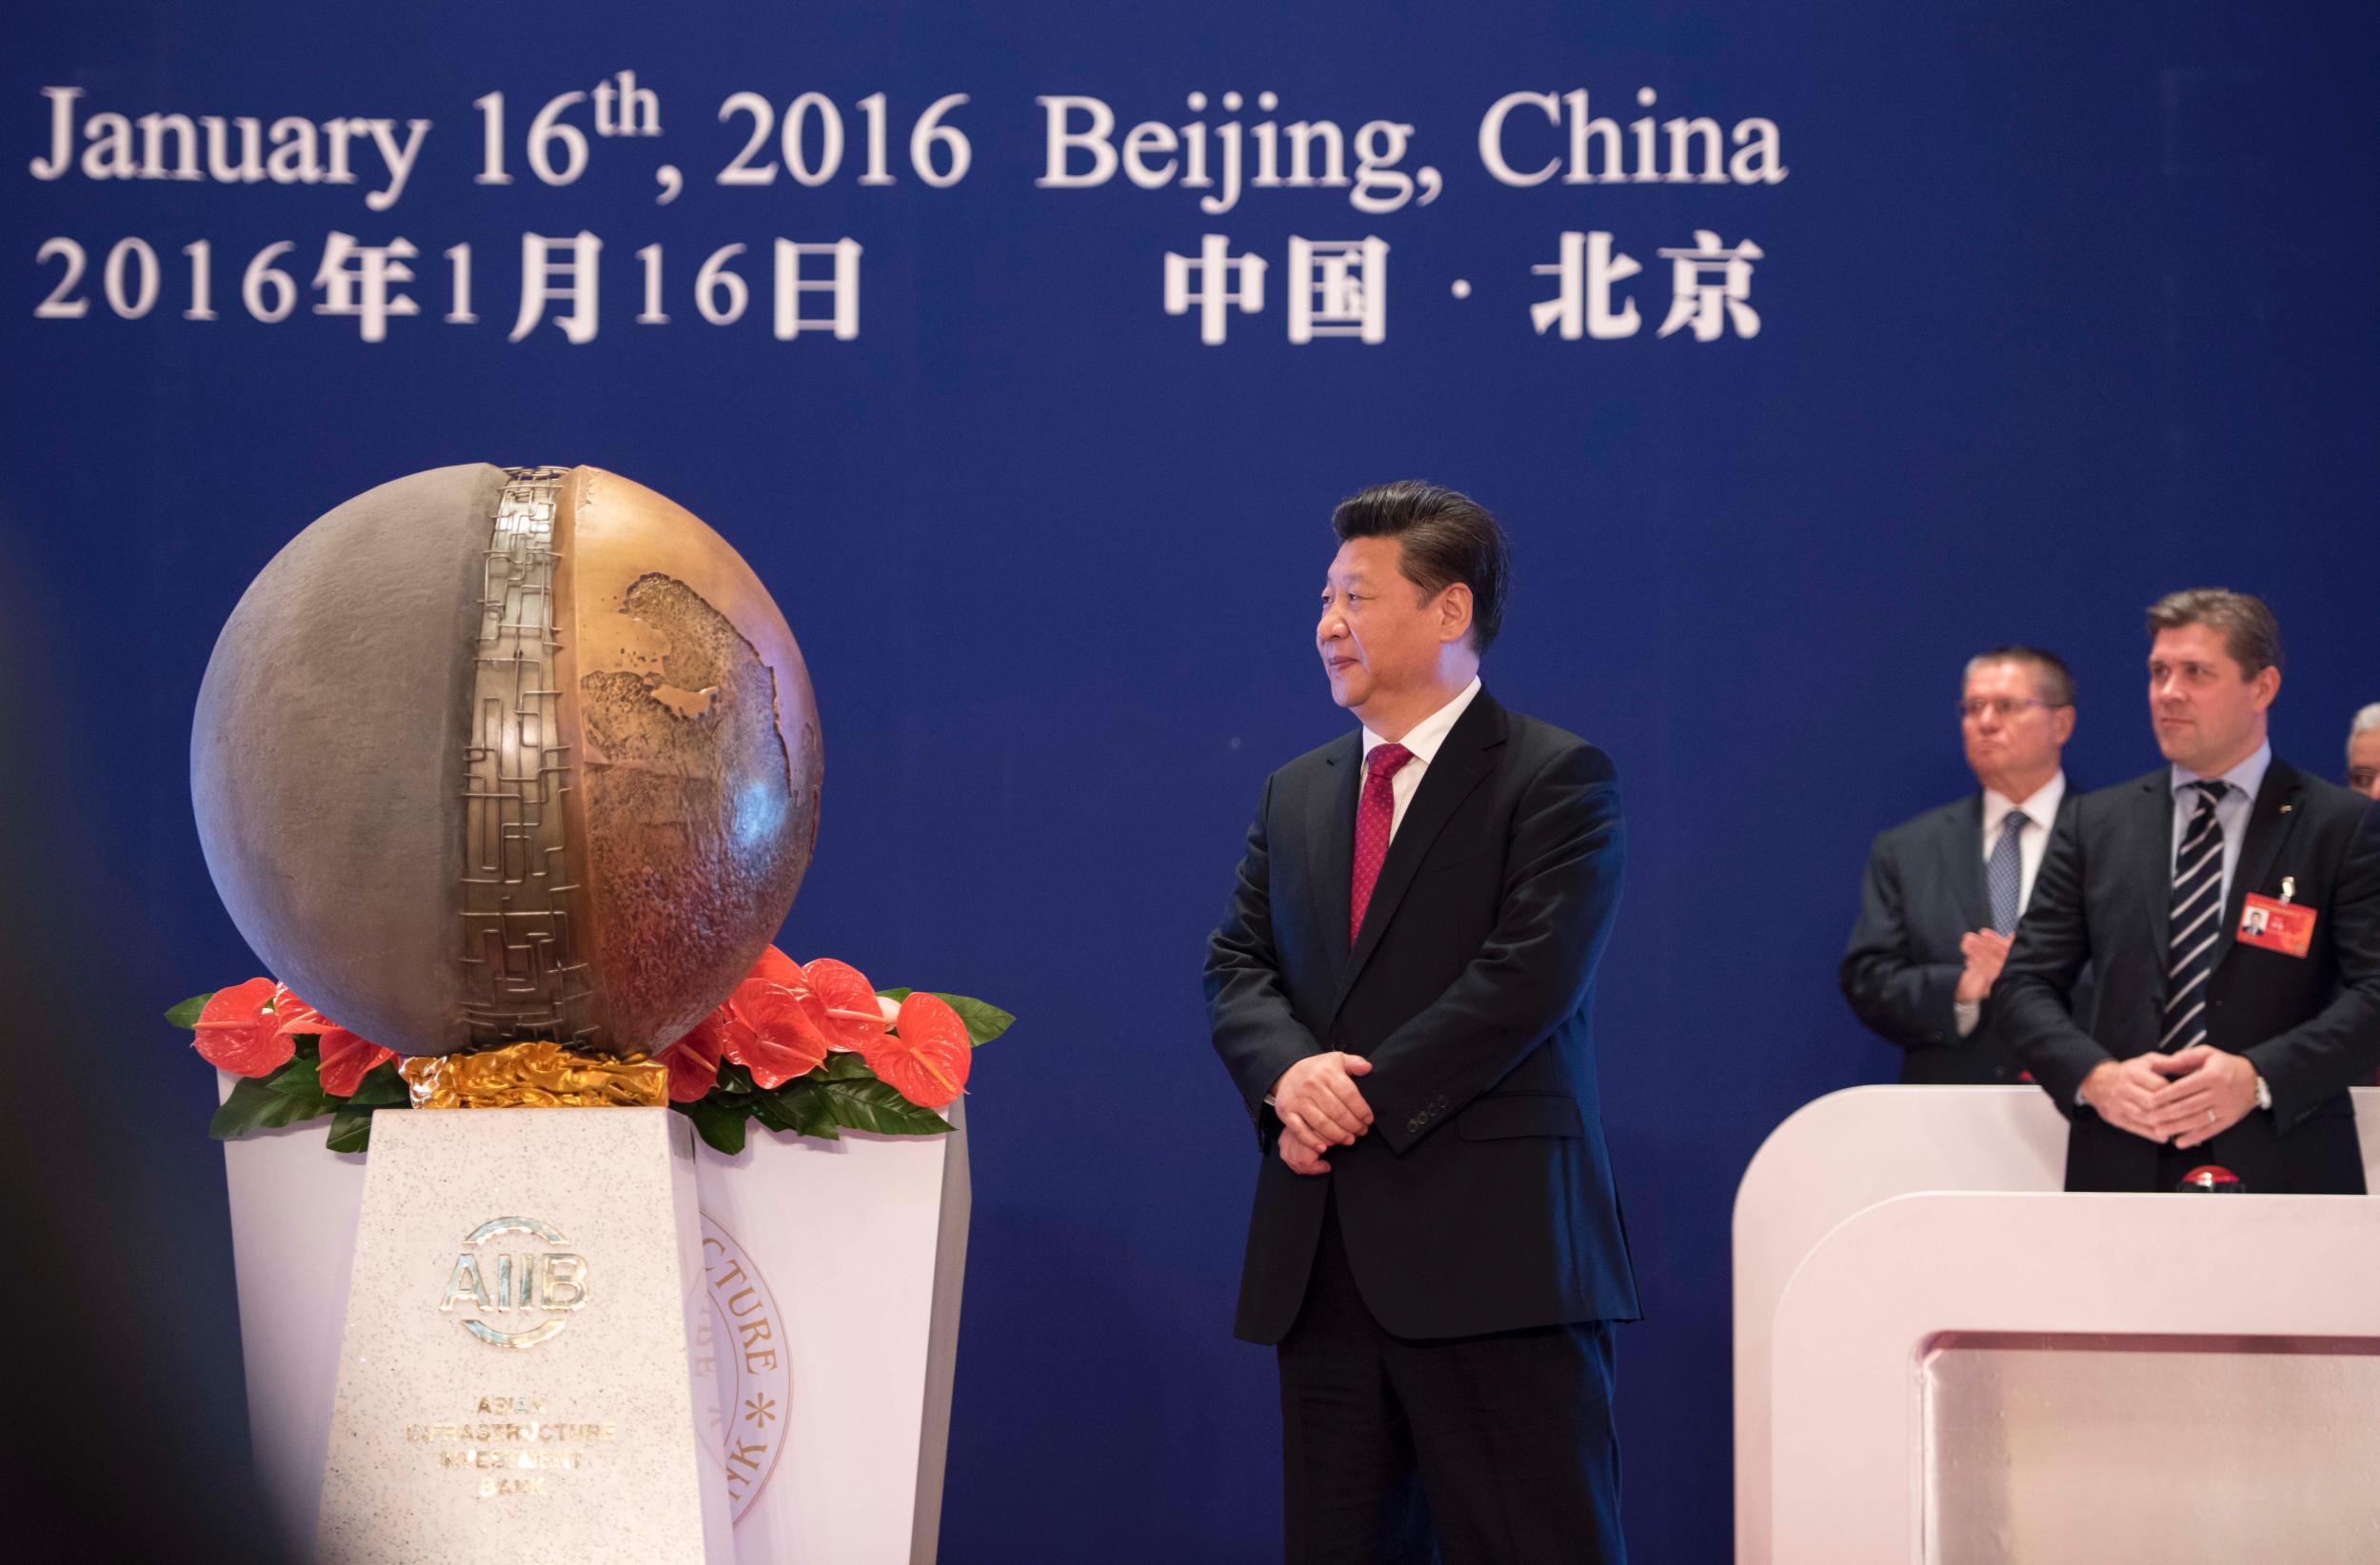 """2016年1月16日,亚洲基础设施投资银行开业仪式在北京举行。习近平主席出席开业仪式并致辞。这是习近平为亚投行标志物""""点石成金""""揭幕。"""